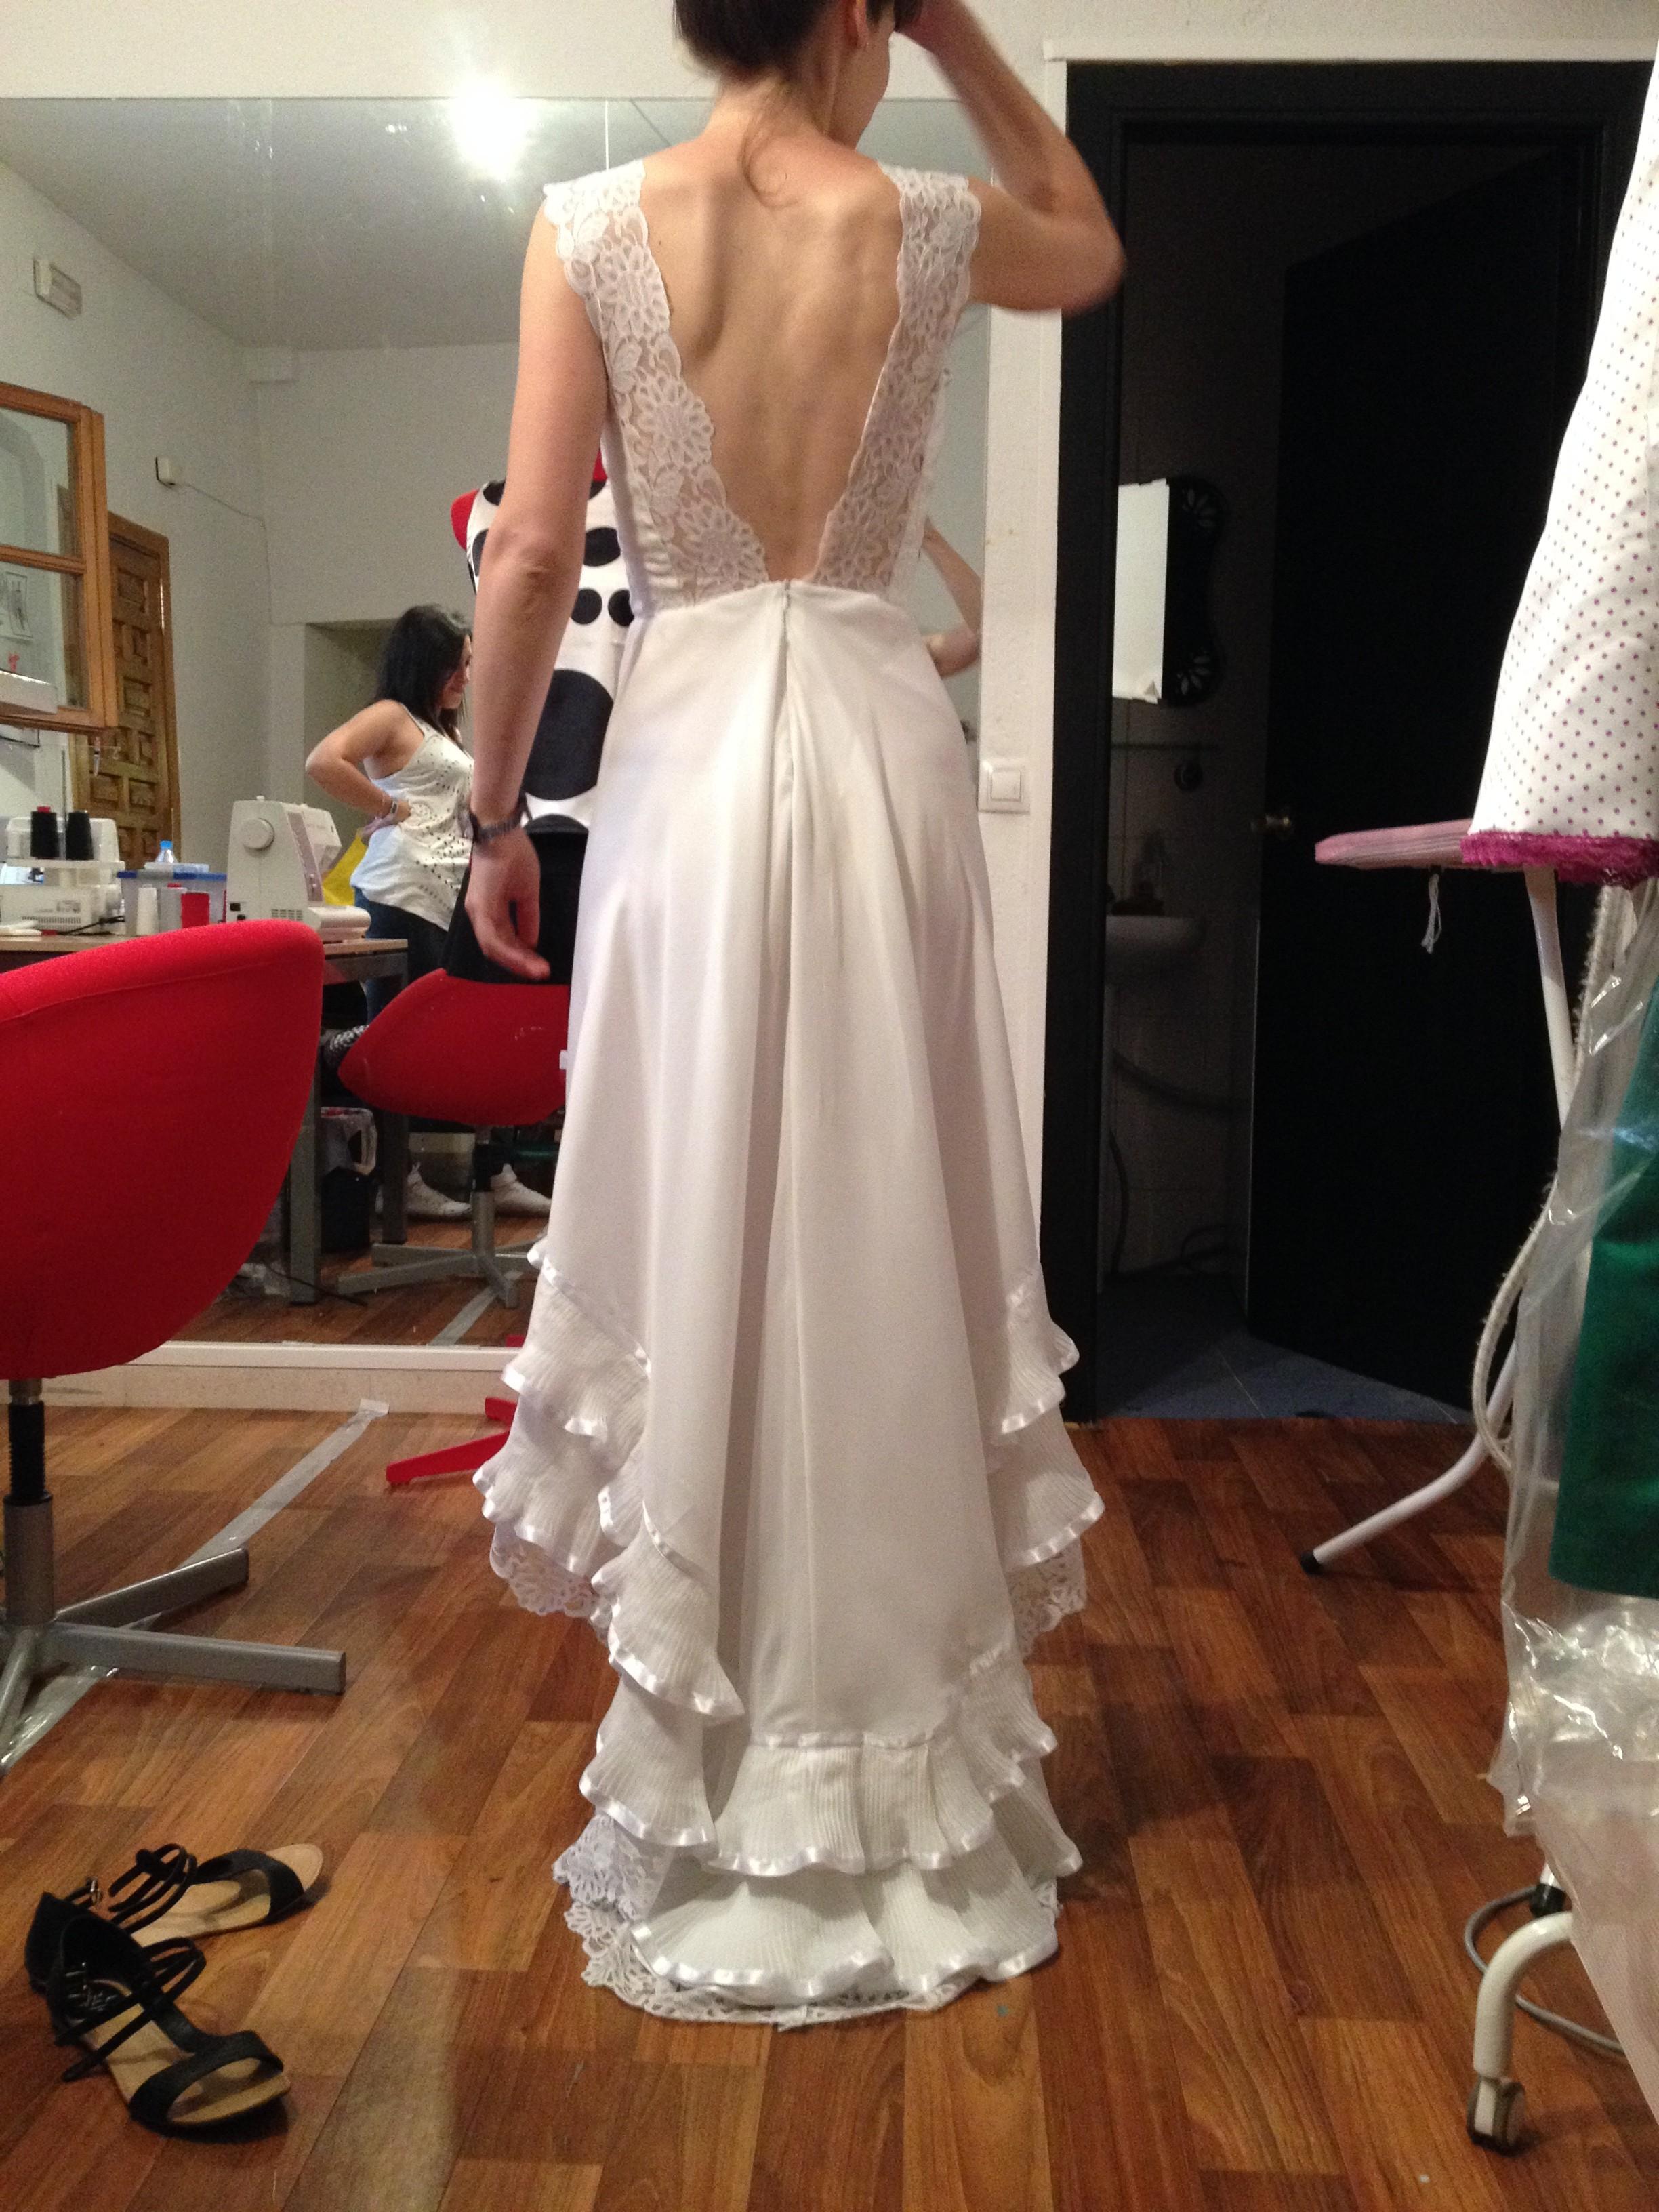 Bajo vestido sin nada en tienda de ropa - 1 part 8